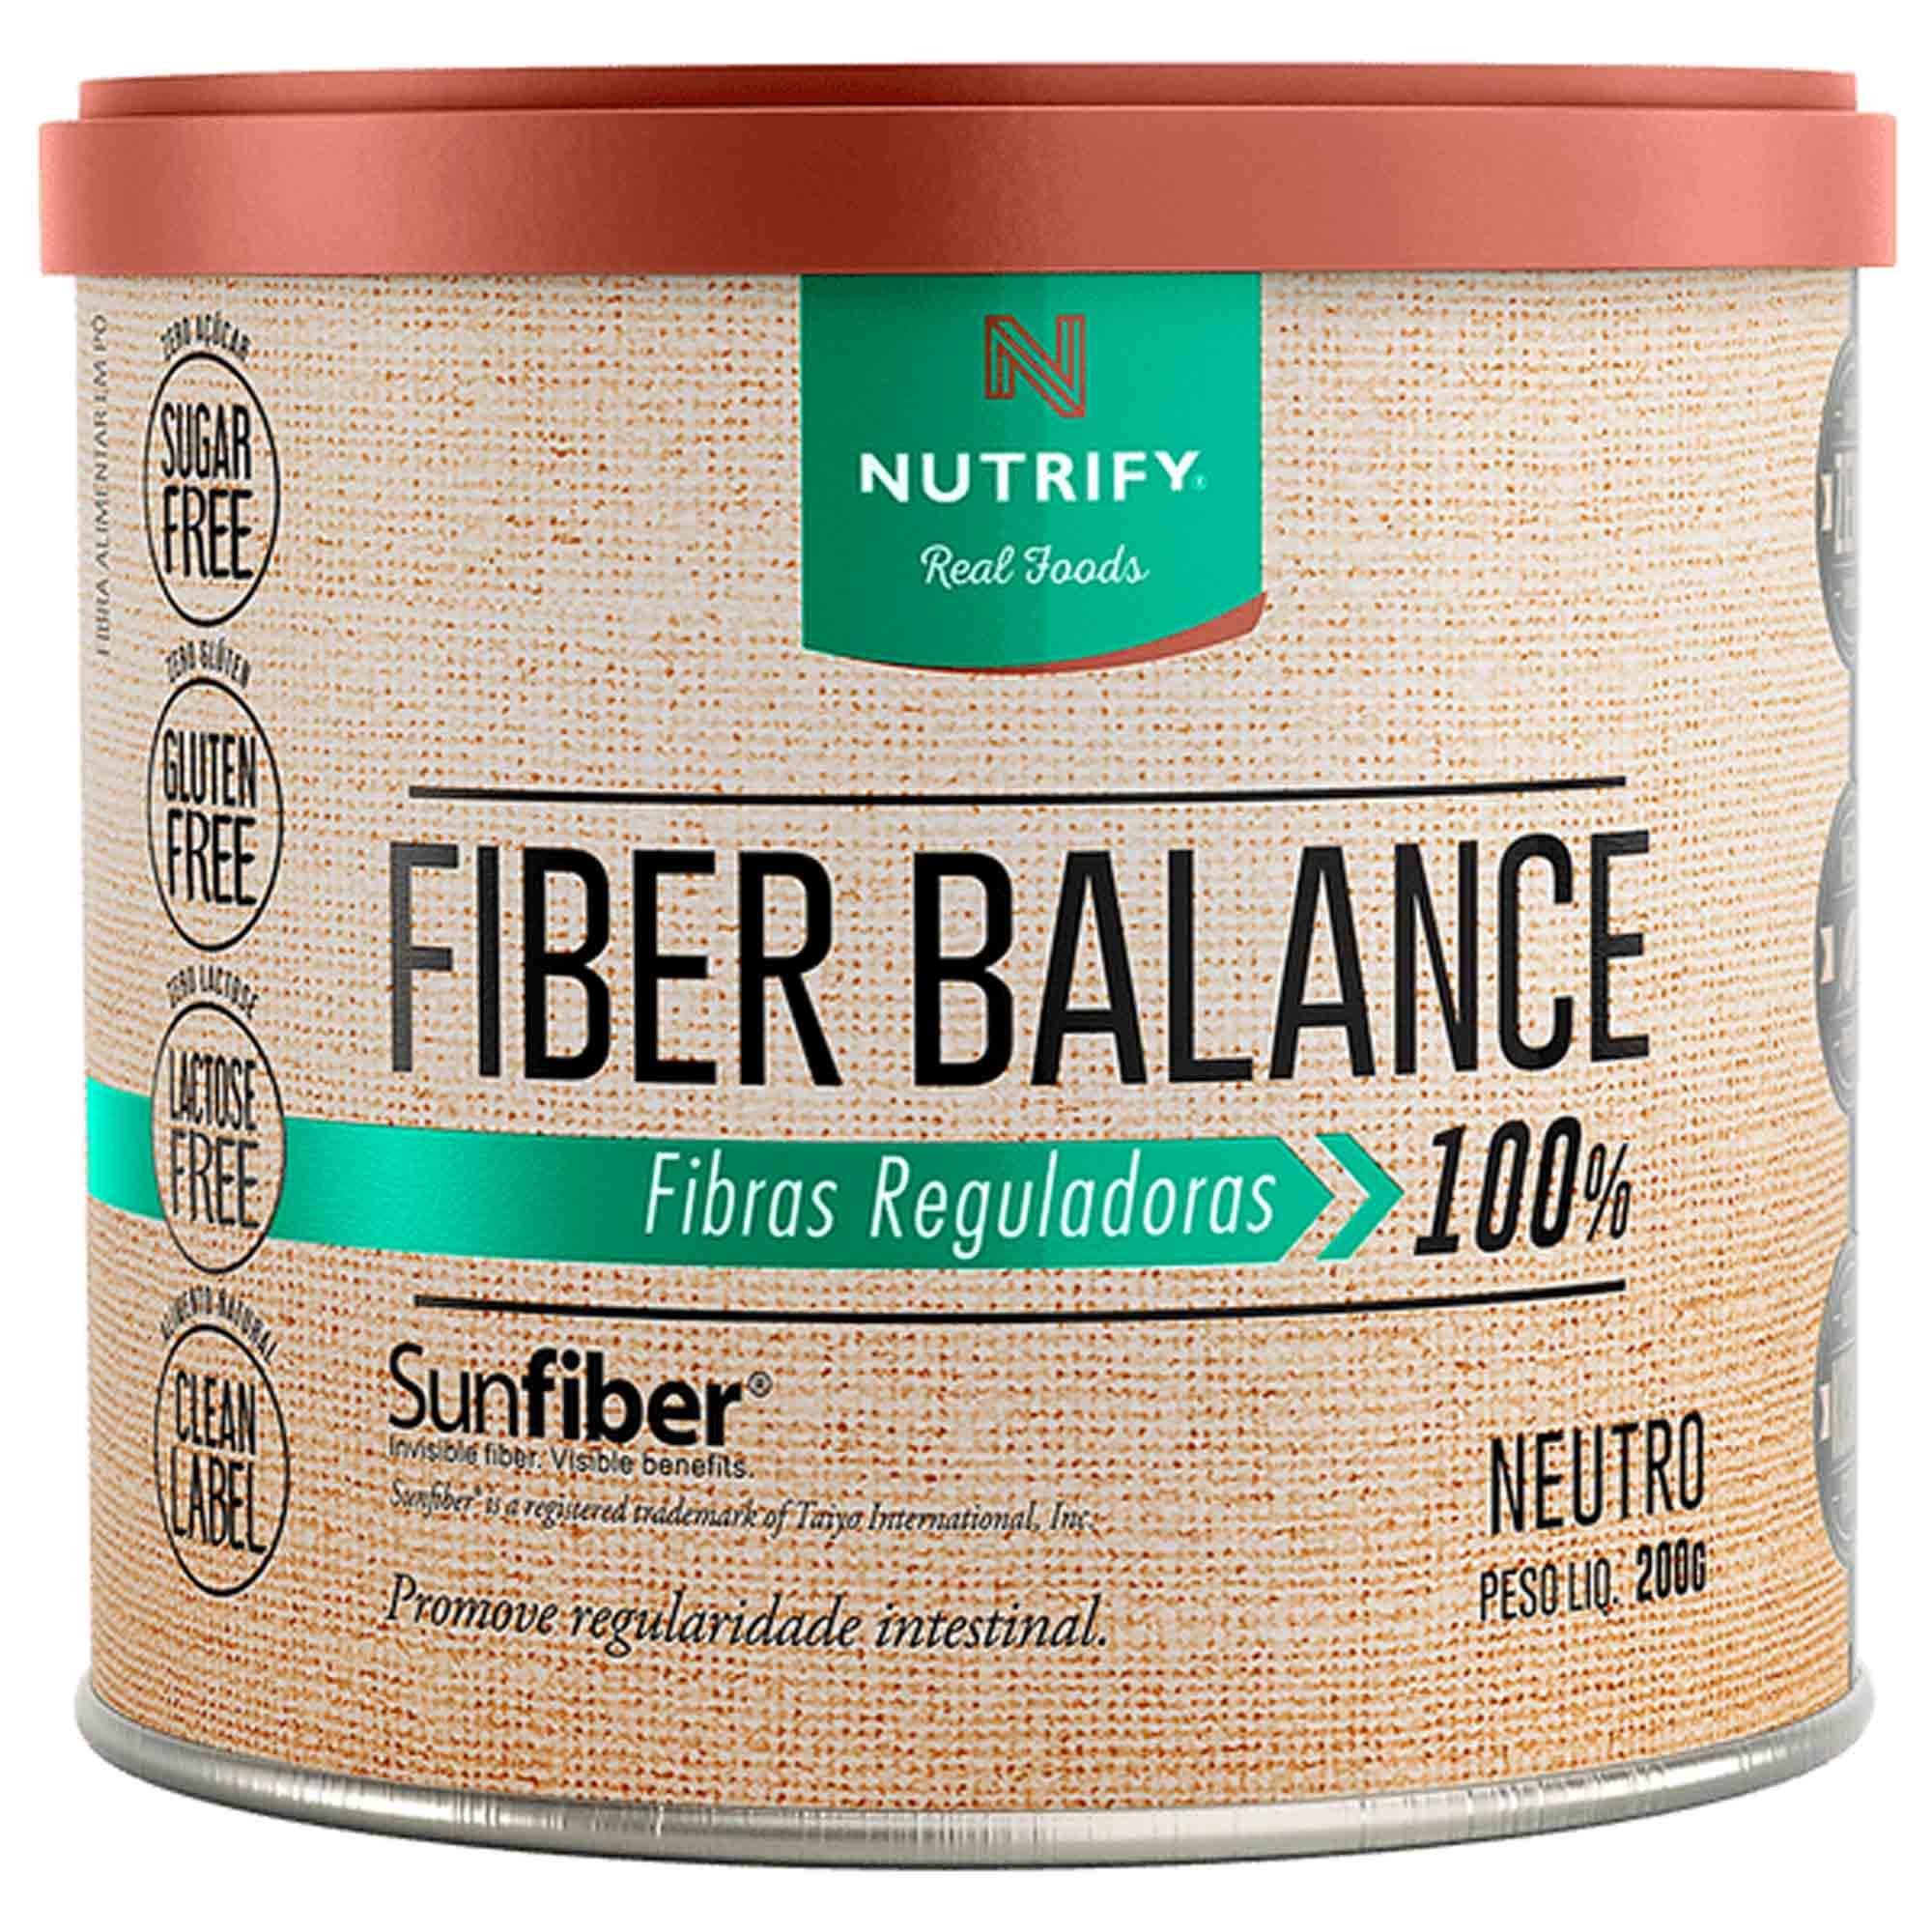 Fiber Balance Neutro 200g Nutrify